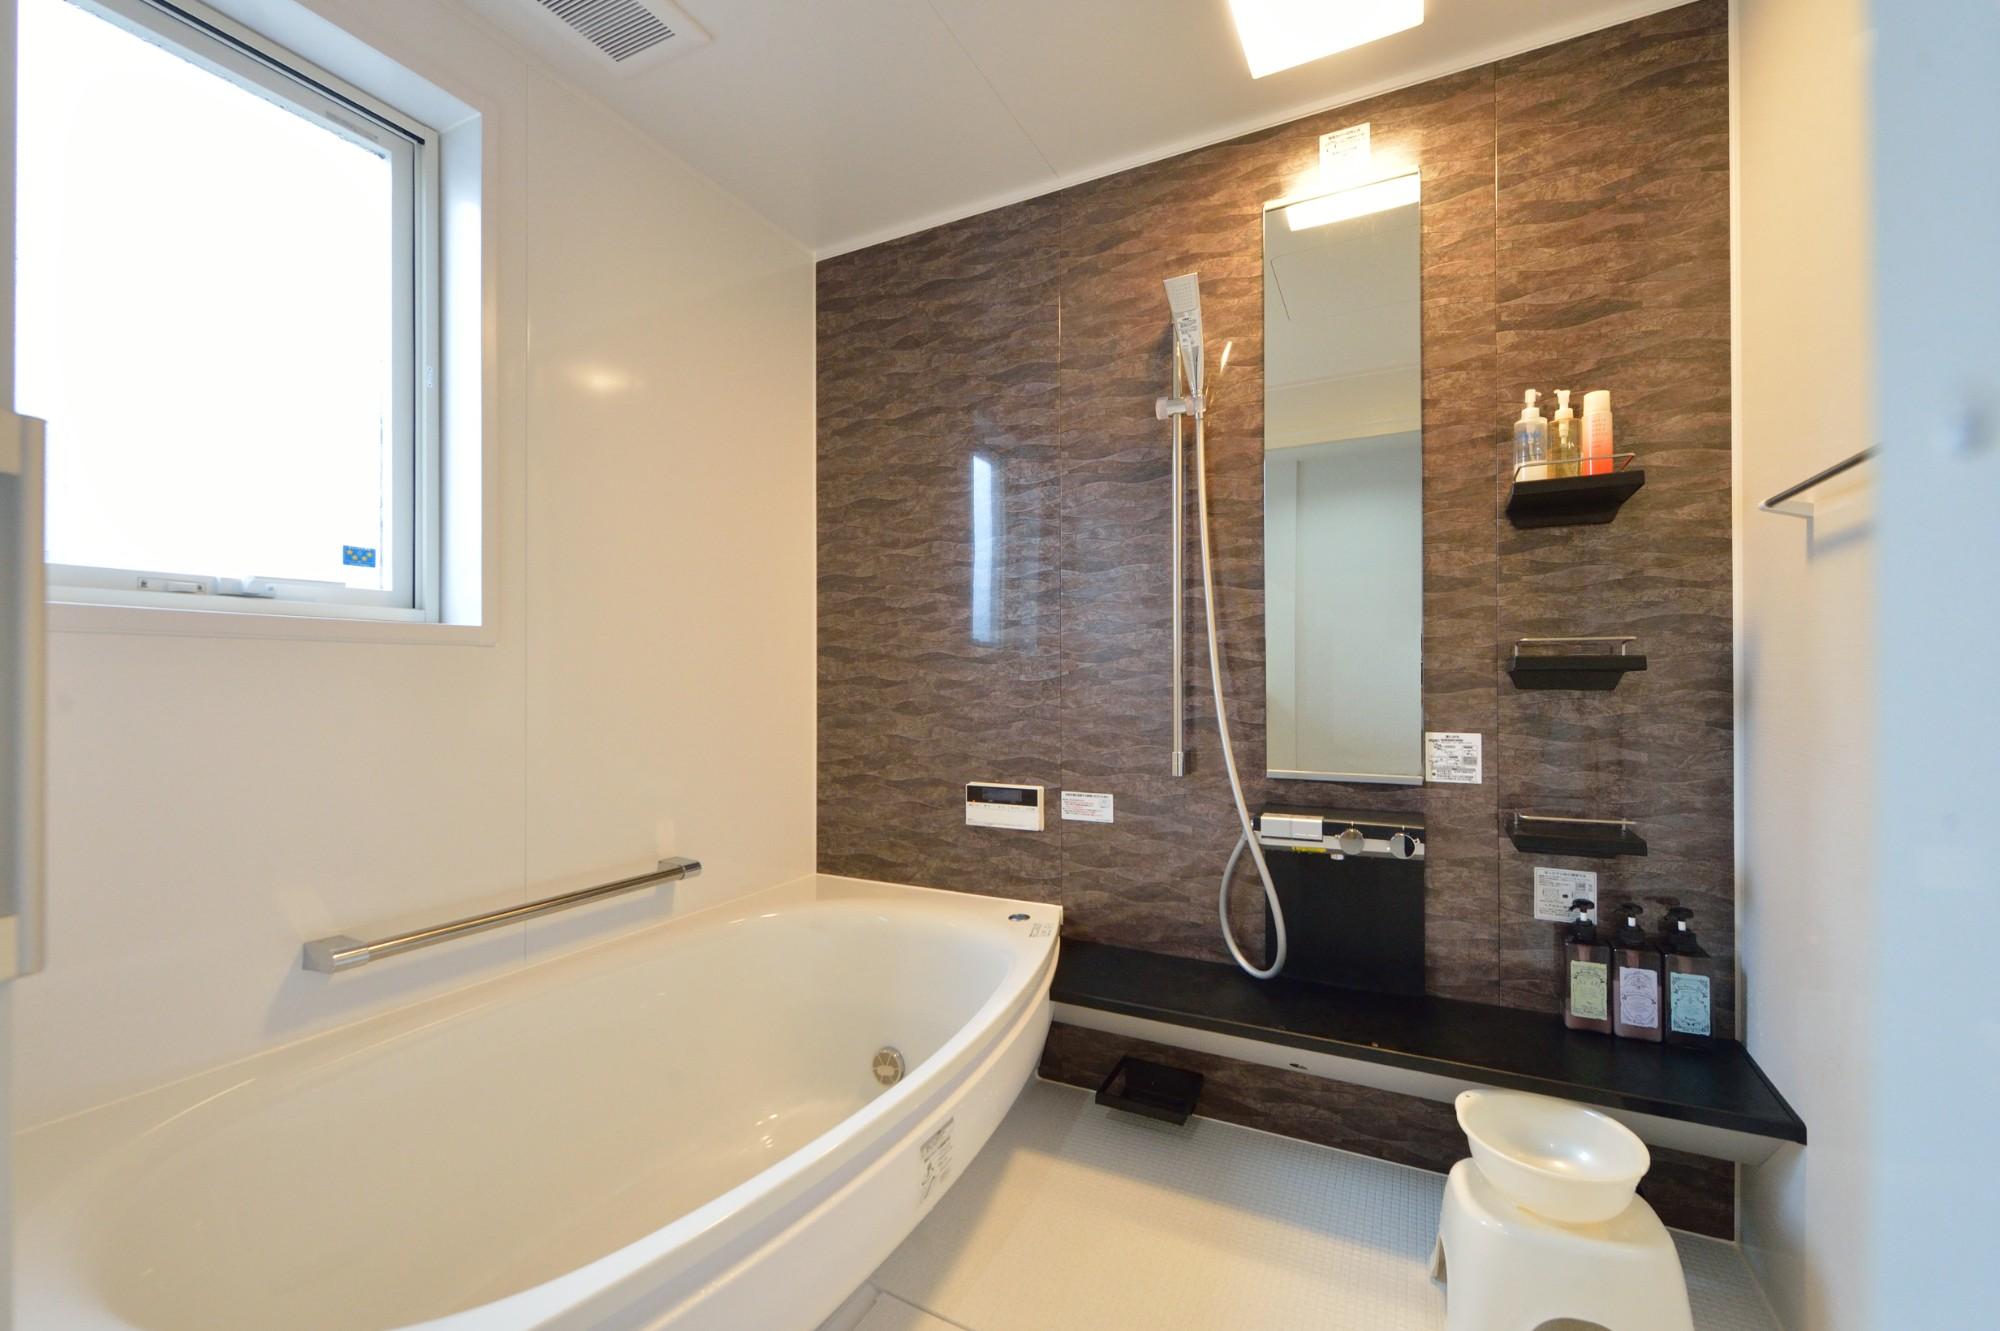 家'Sハセガワ株式会社「Time is smile ~いるだけで笑顔が生まれる家~」のモダンな風呂・浴室の実例写真